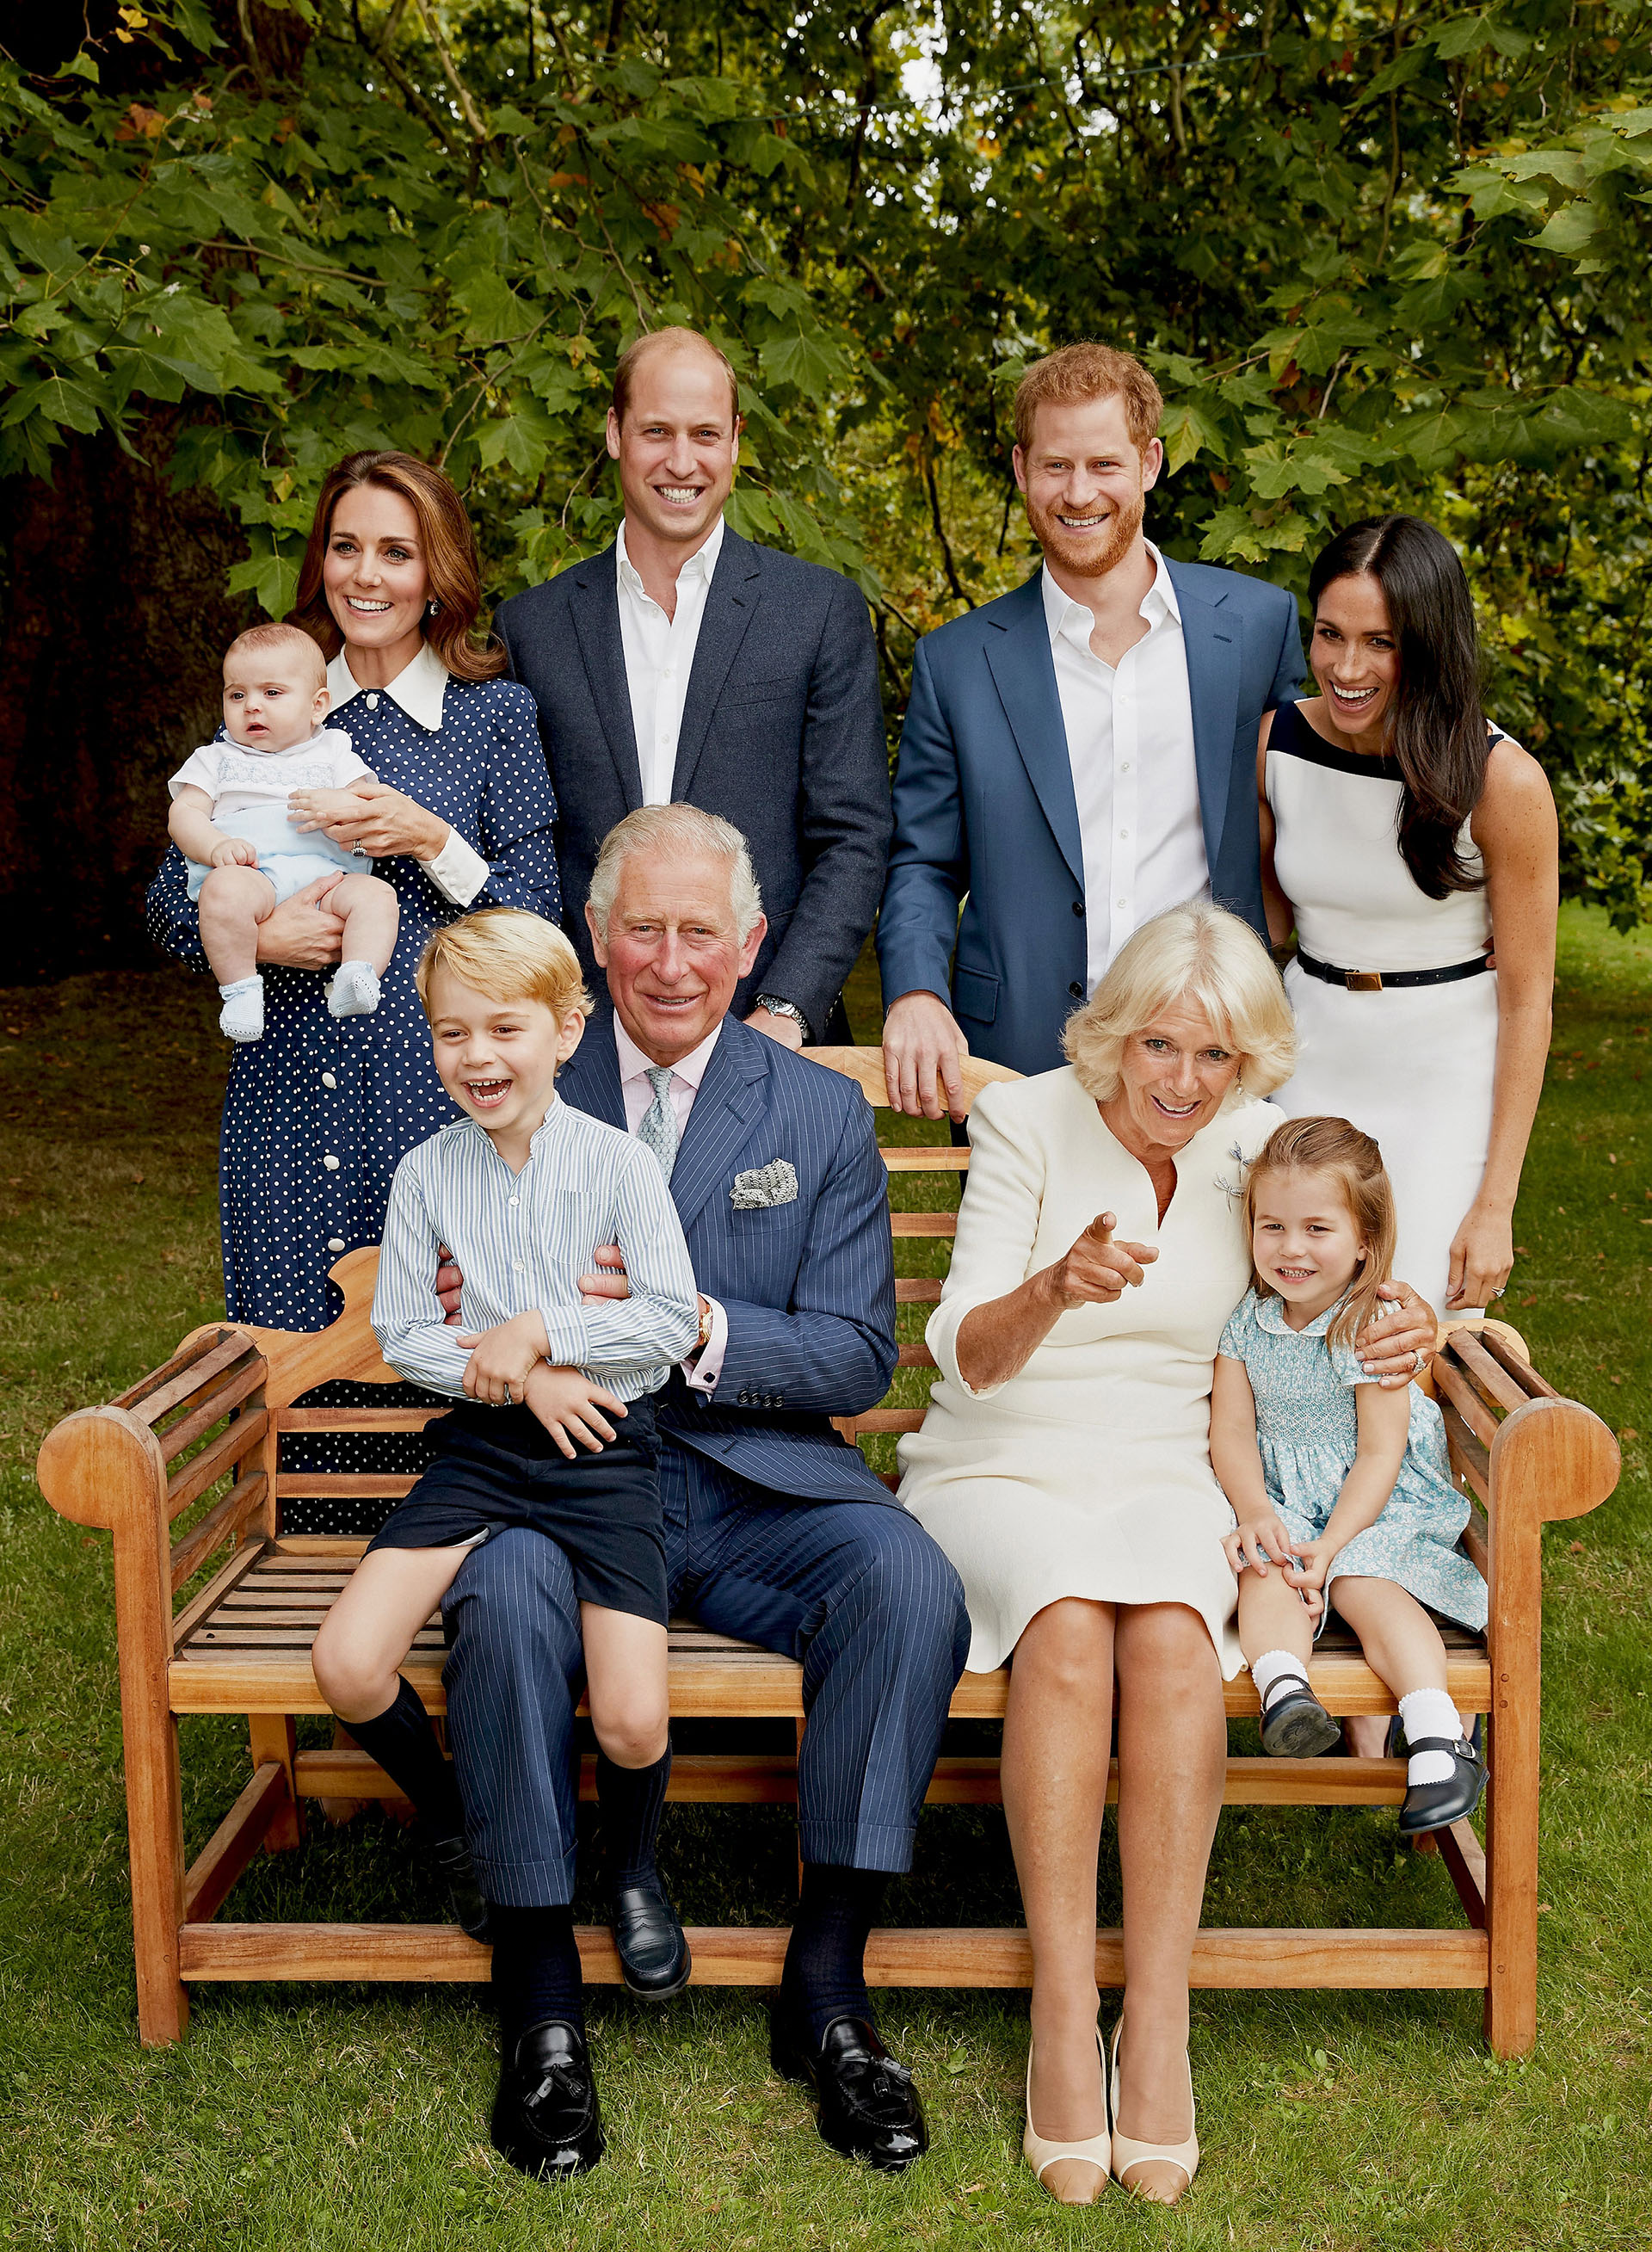 A pesar de los rumores de distanciamiento entre los príncipes William y Harry, posaron todos juntos para celebrar los 70 años del príncipe Carlos. La imagen dio la vuelta al mundo